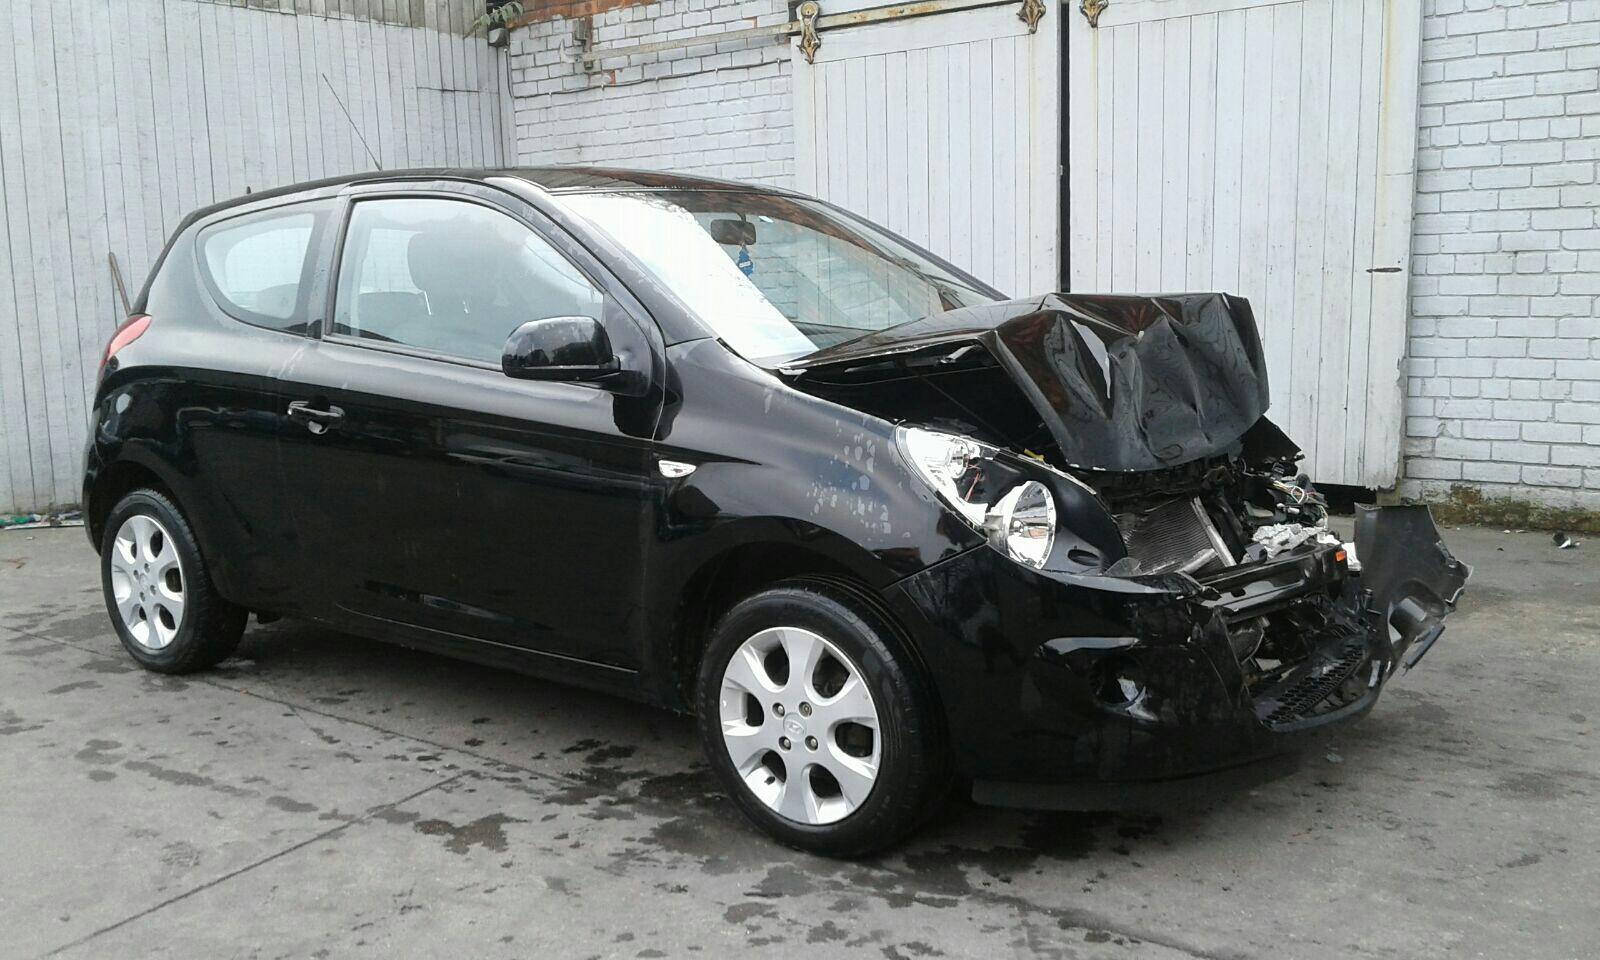 Hyundai i20 2009 To 2012 3 Door Hatchback